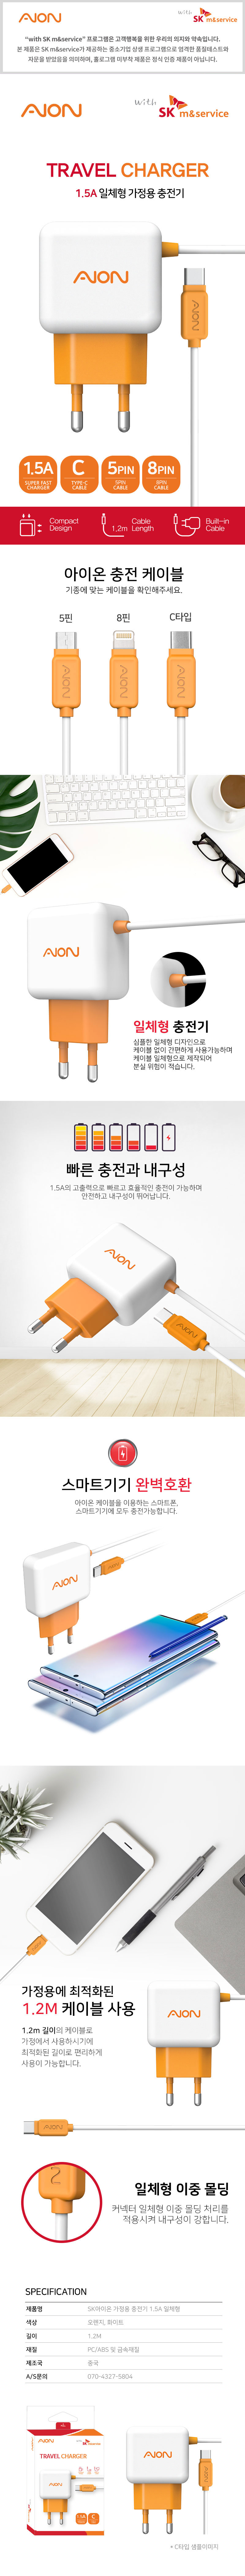 아이온 with SK m&service 아이폰 8핀 가정용 일체형 충전기 1.5A - 에스케이엠앤서비스, 4,800원, 충전기, 일체형충전기